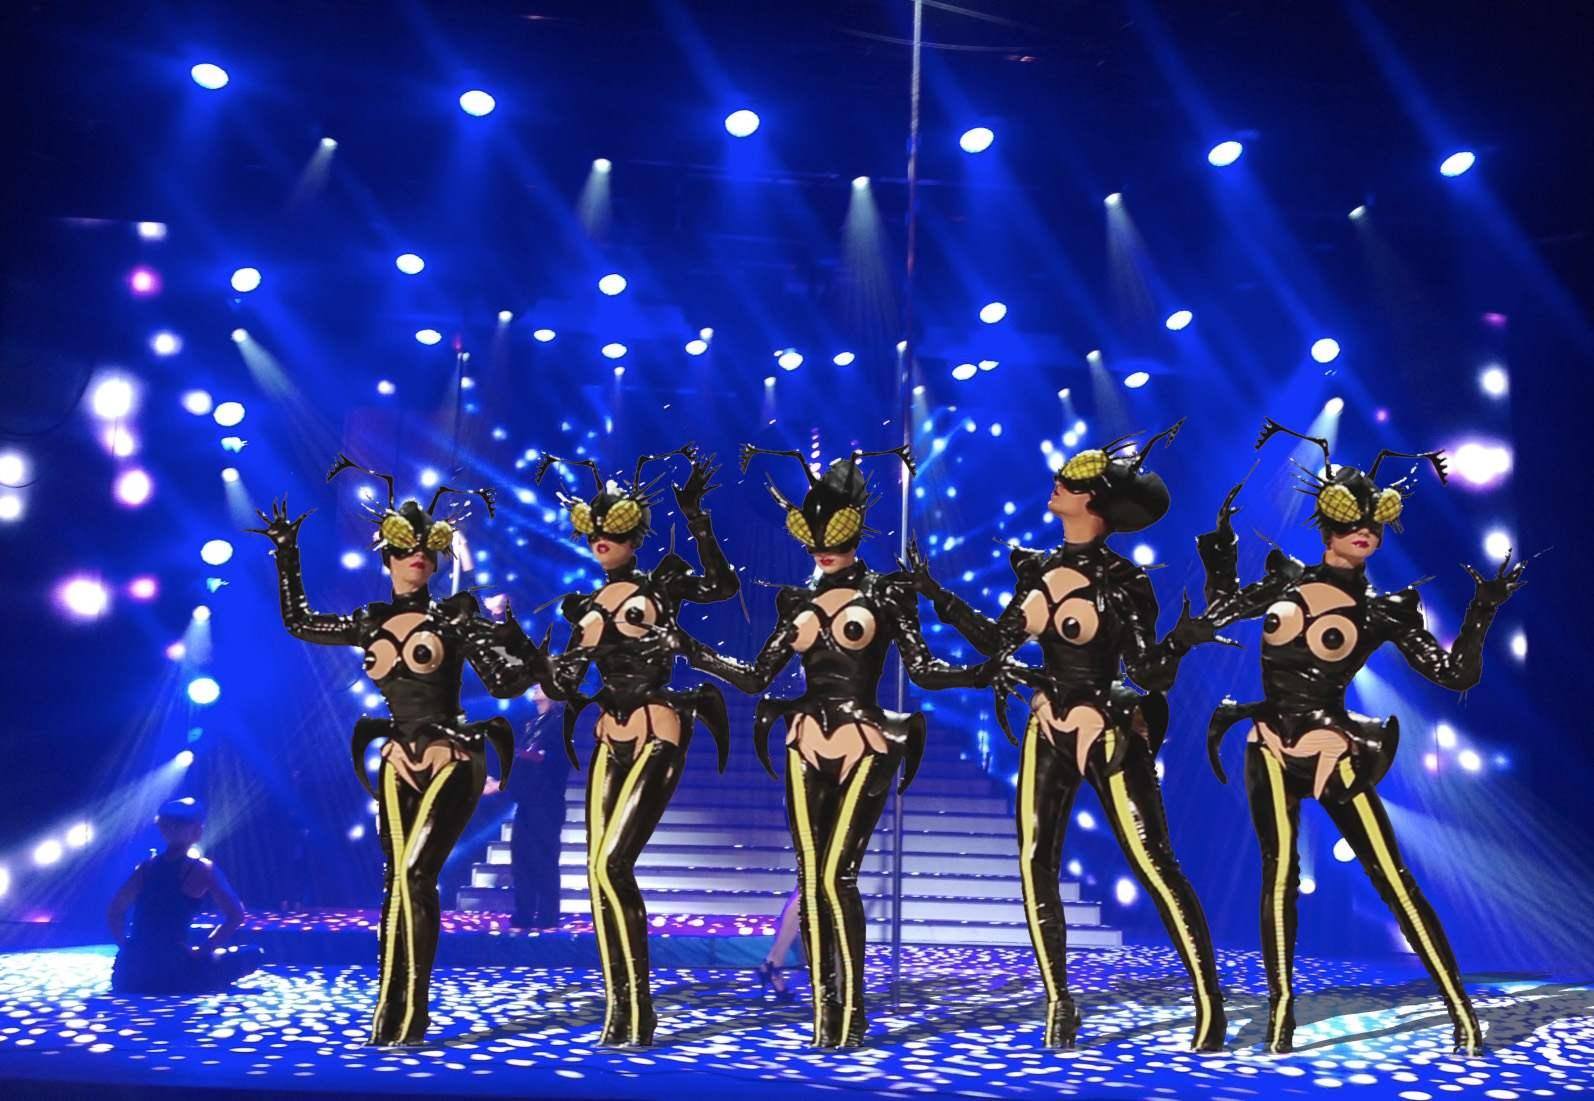 Mugler Follies : des stars sur scène, des étoiles dans les yeux !